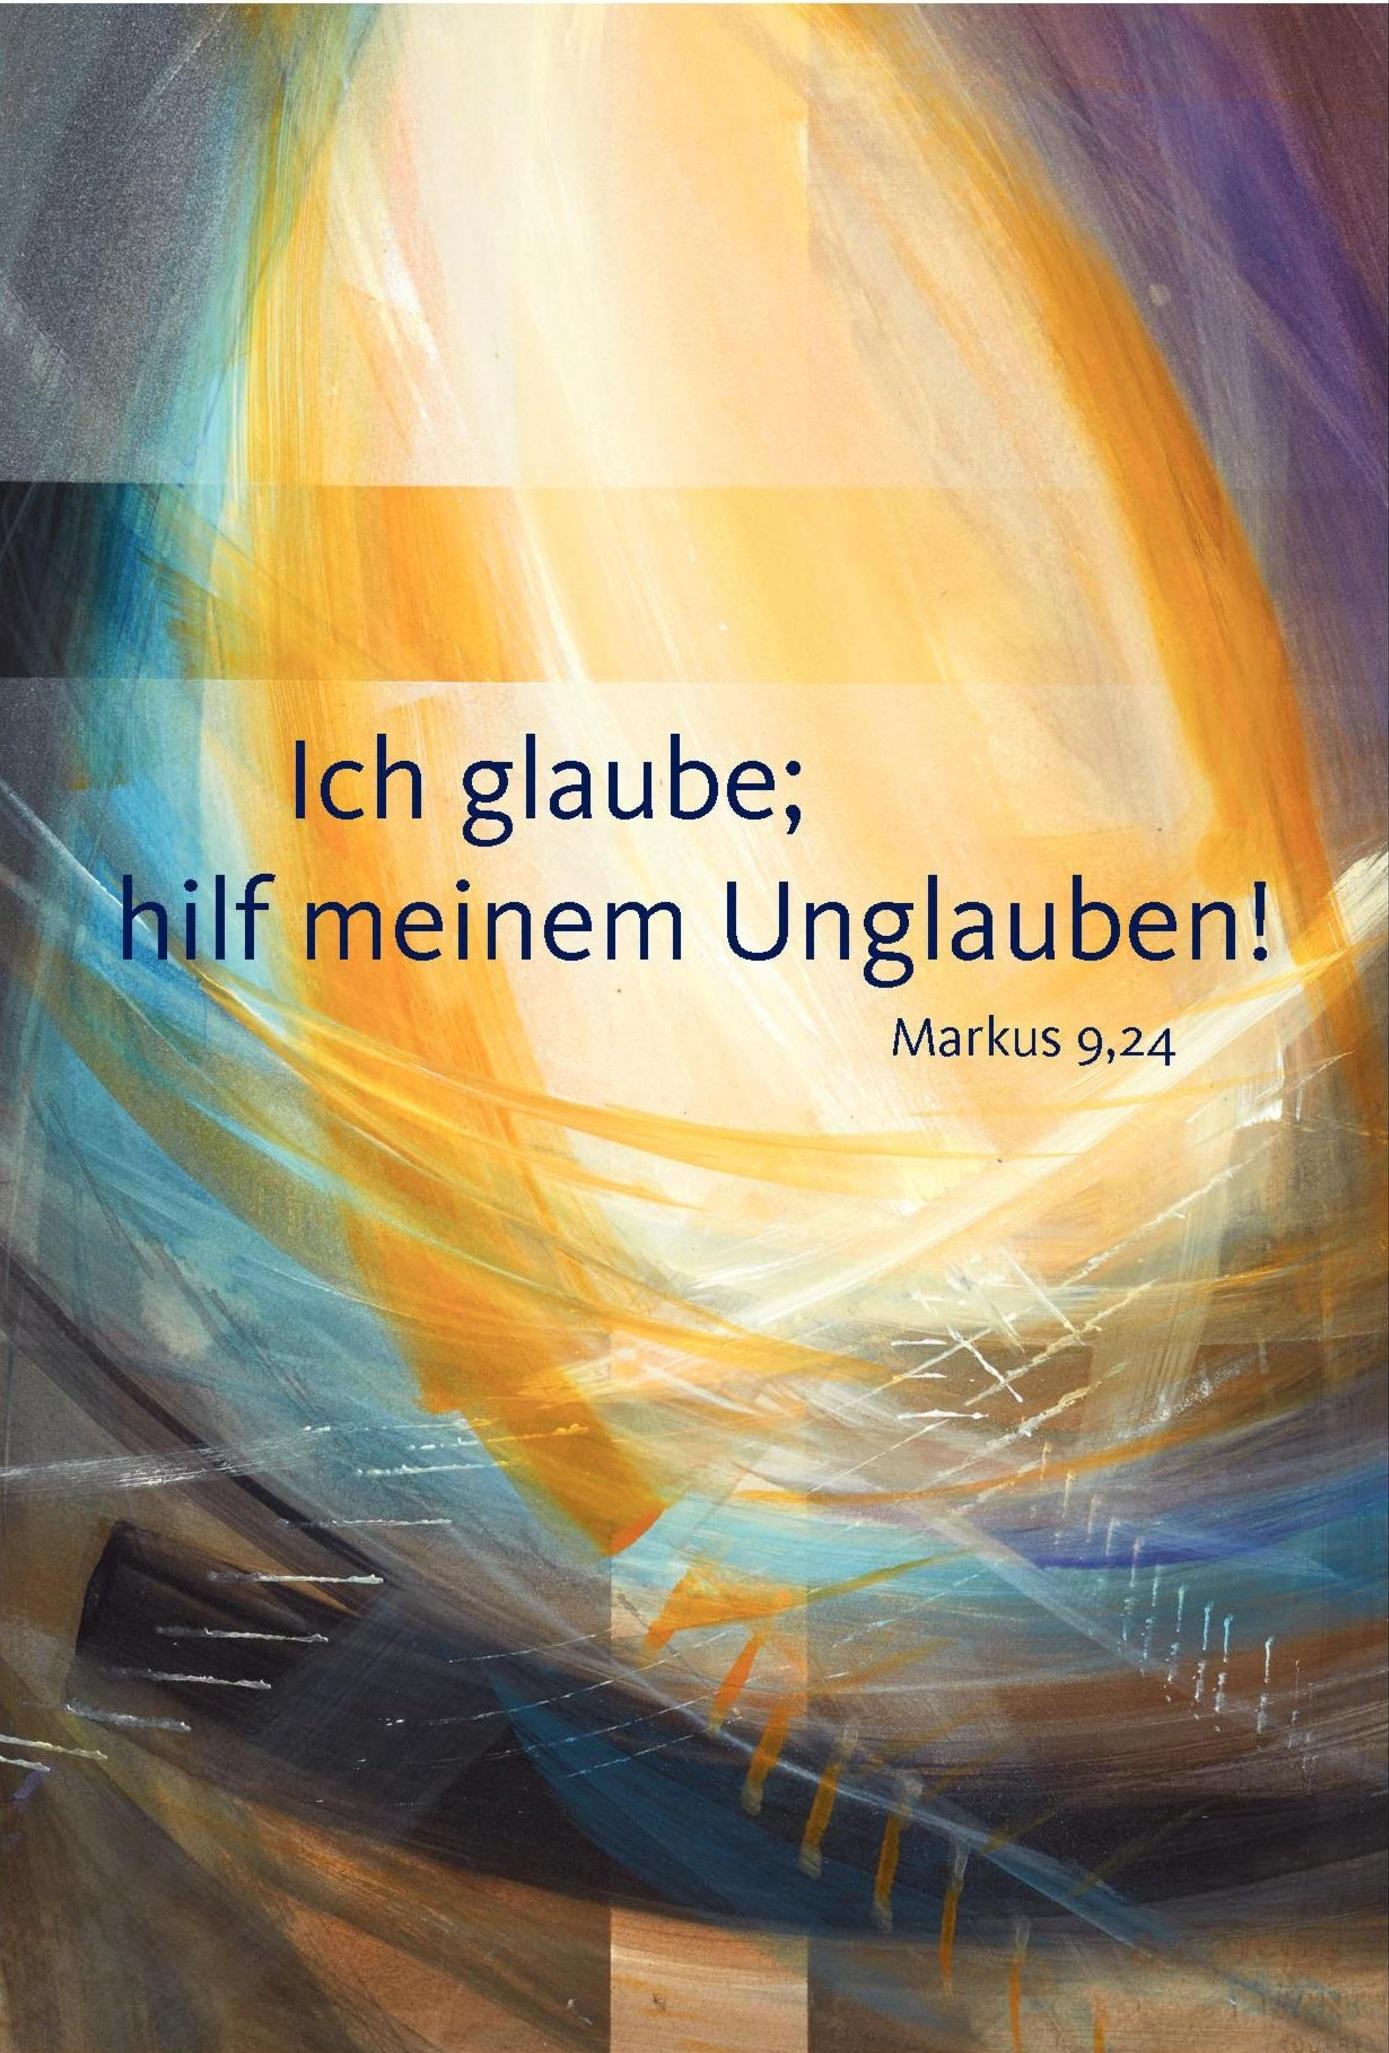 <a href='https://www.verlagambirnbach.de'>Verlag am Birnbach</a> - Motiv von Stefanie Bahlinger, Mössingen